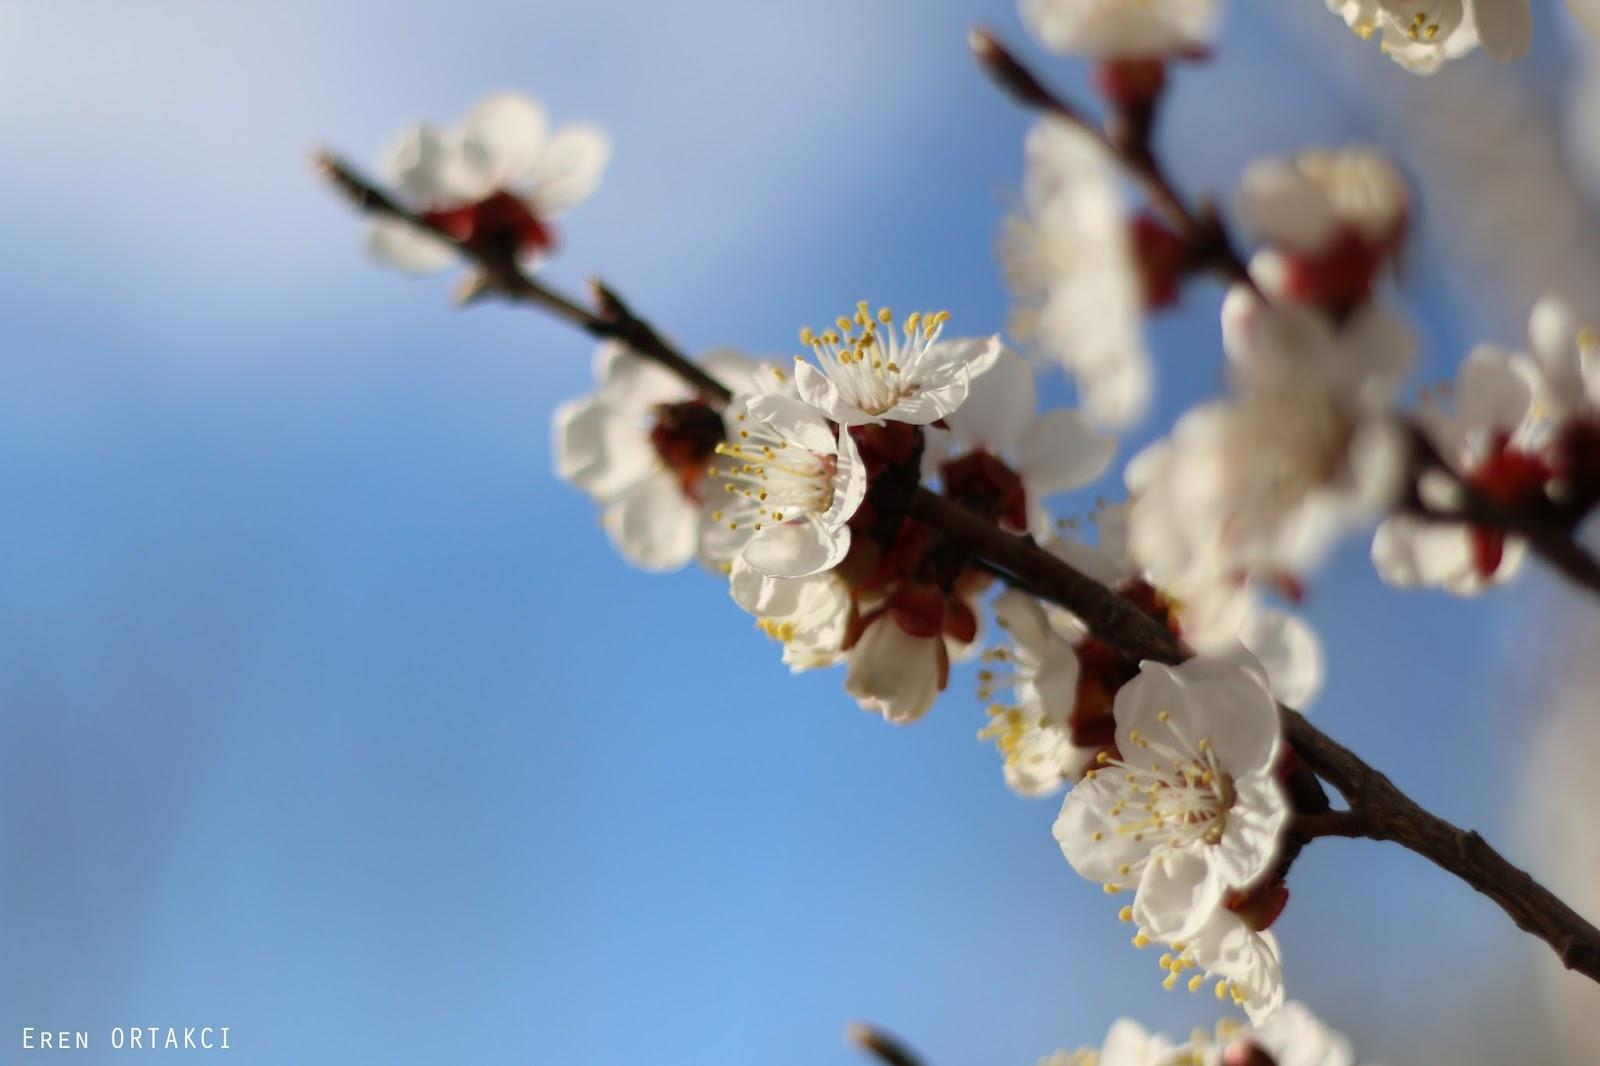 Baharda çiçek Açan Ilk Ağaç Eren Ortakci Fotoğraflar